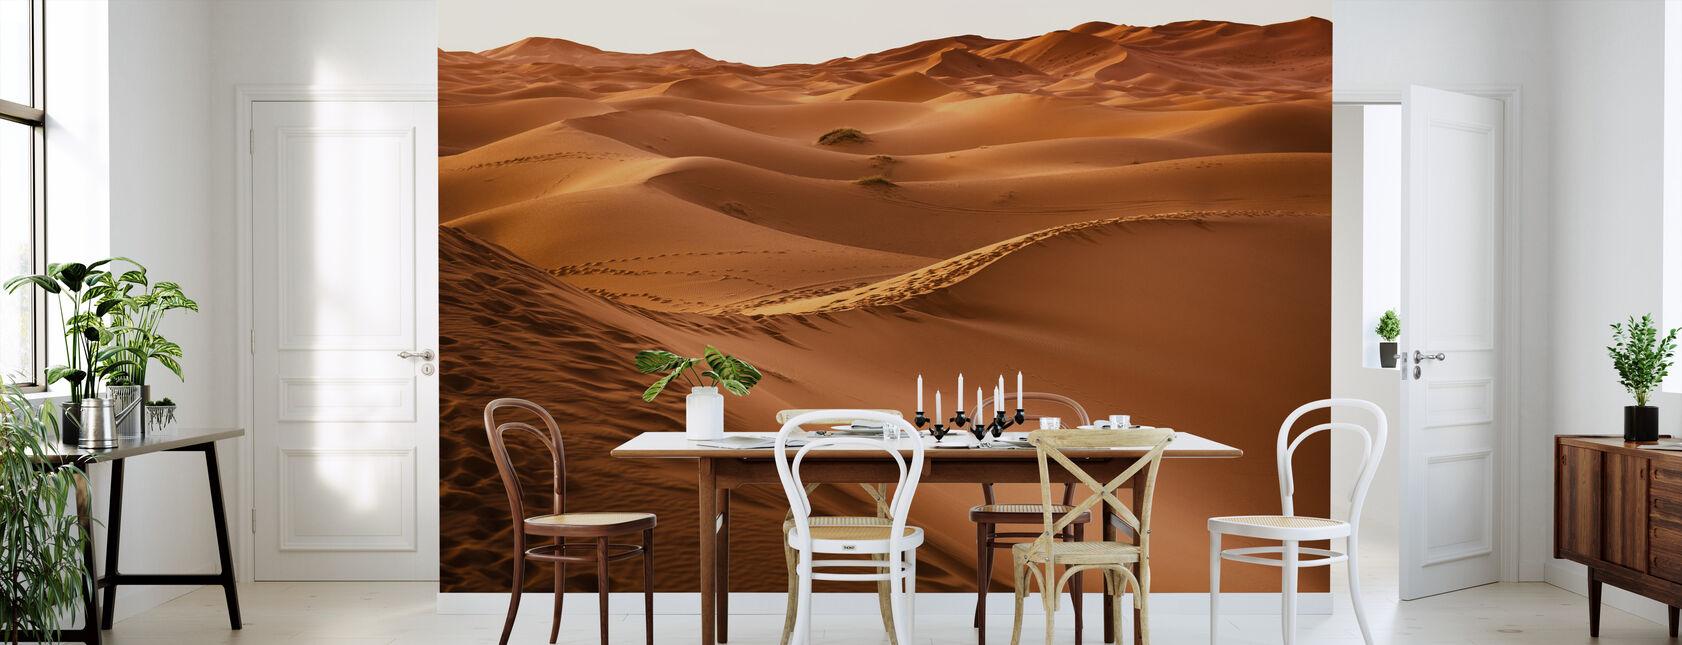 Wüstensand Fußabdrücke - Tapete - Küchen